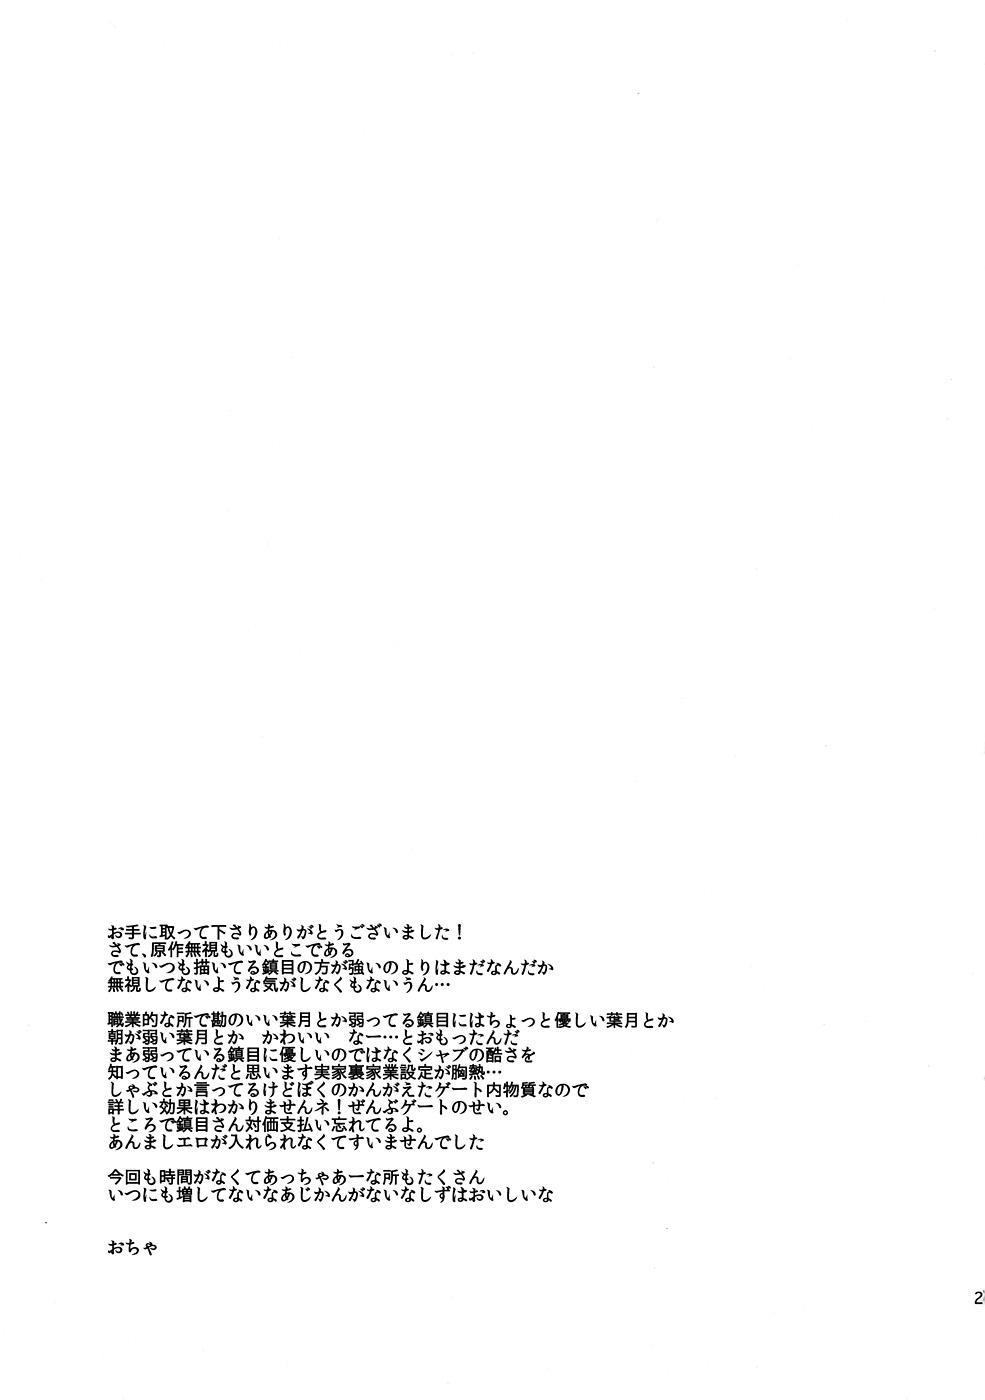 Keiyakusha to Asa no Hako 21